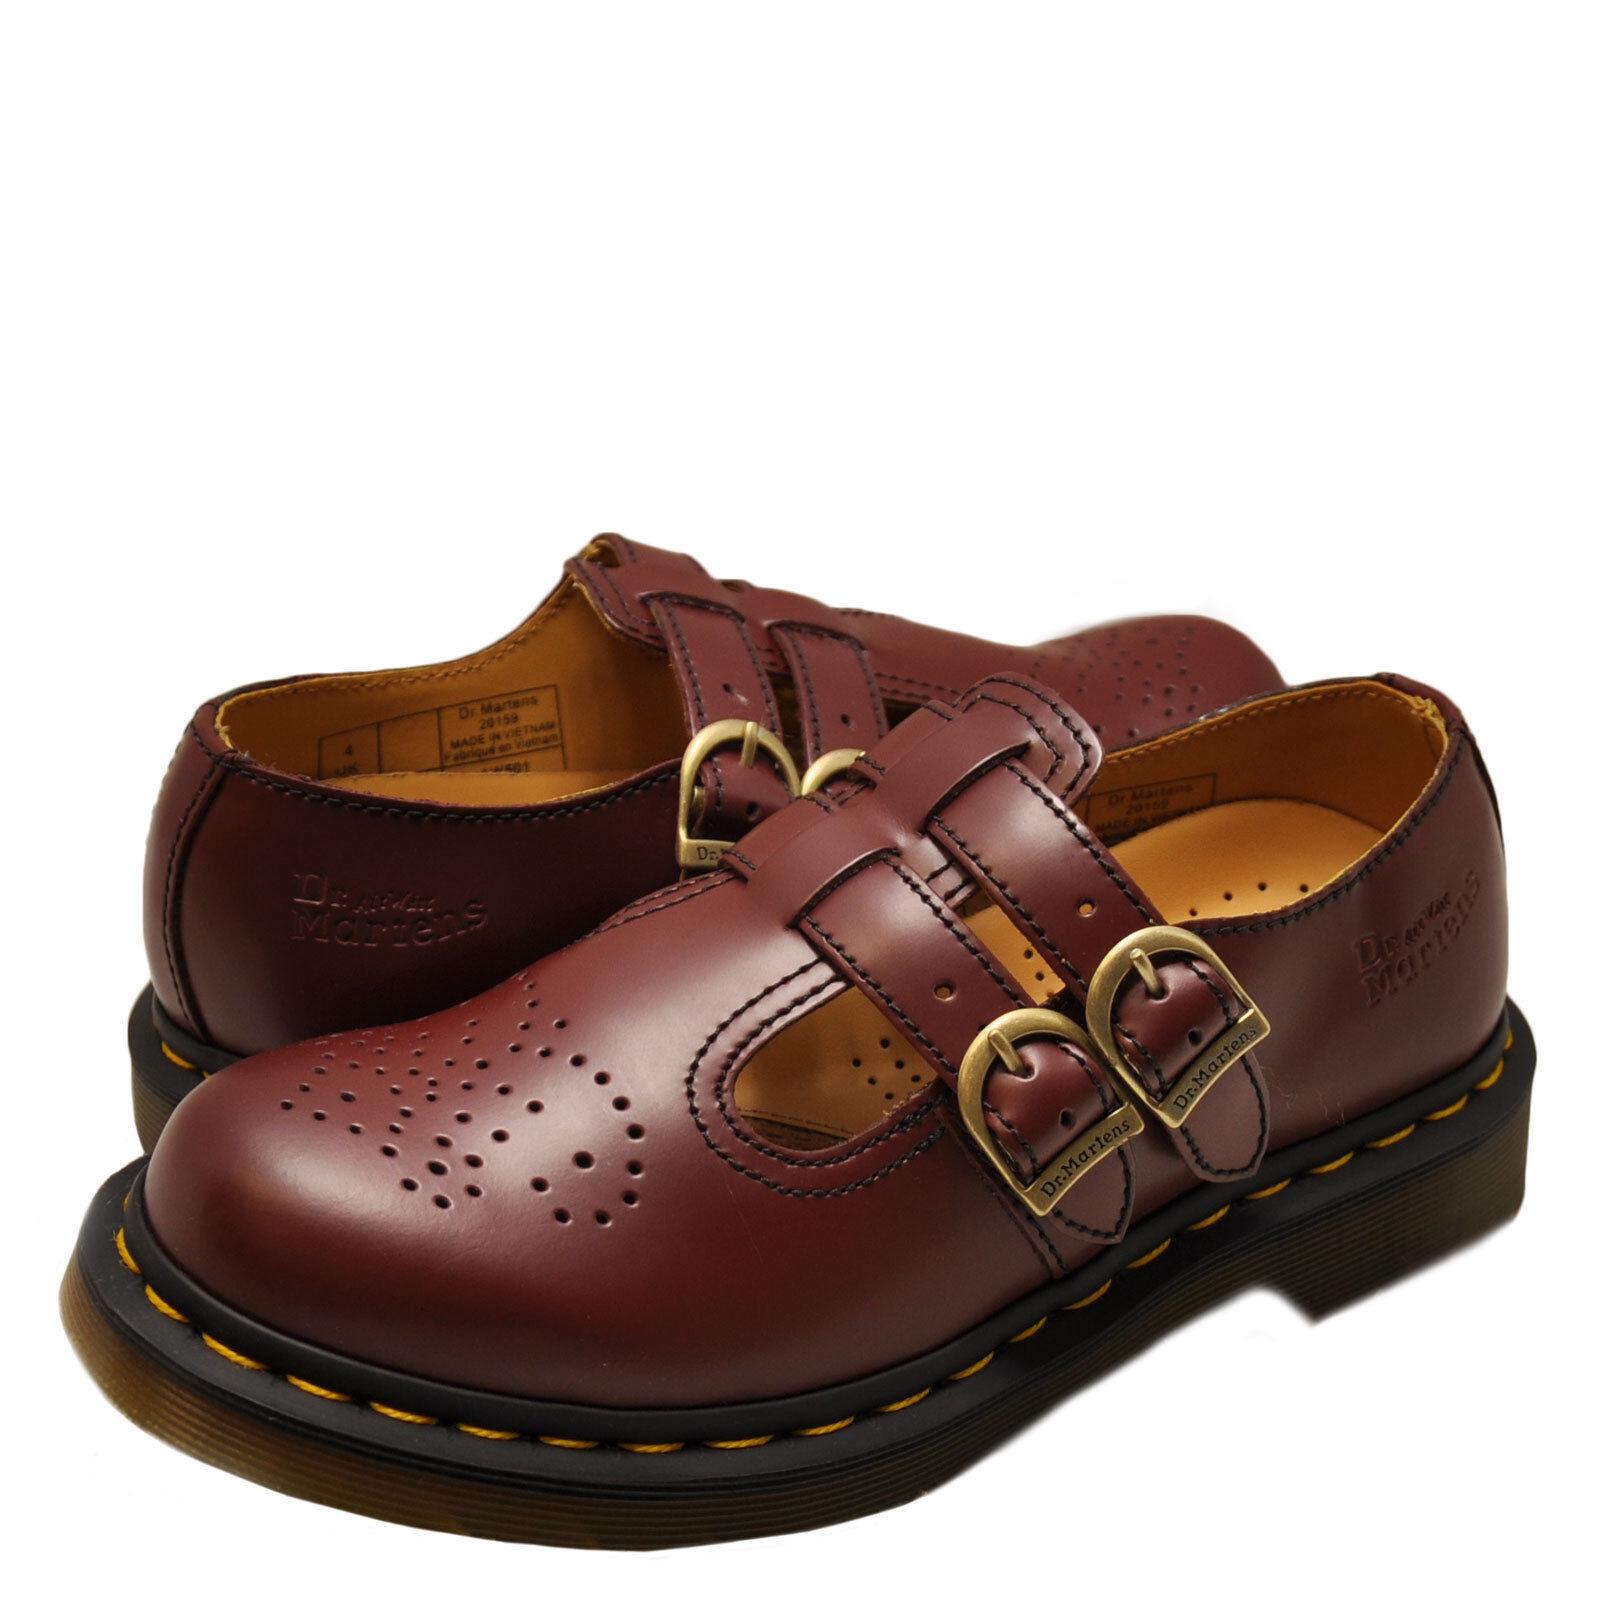 item 3 Women's Shoes Dr. Martens 8065 Double Strap Mary Jane 20159600 Cherry  Red *New* -Women's Shoes Dr. Martens 8065 Double Strap Mary Jane 20159600  ...